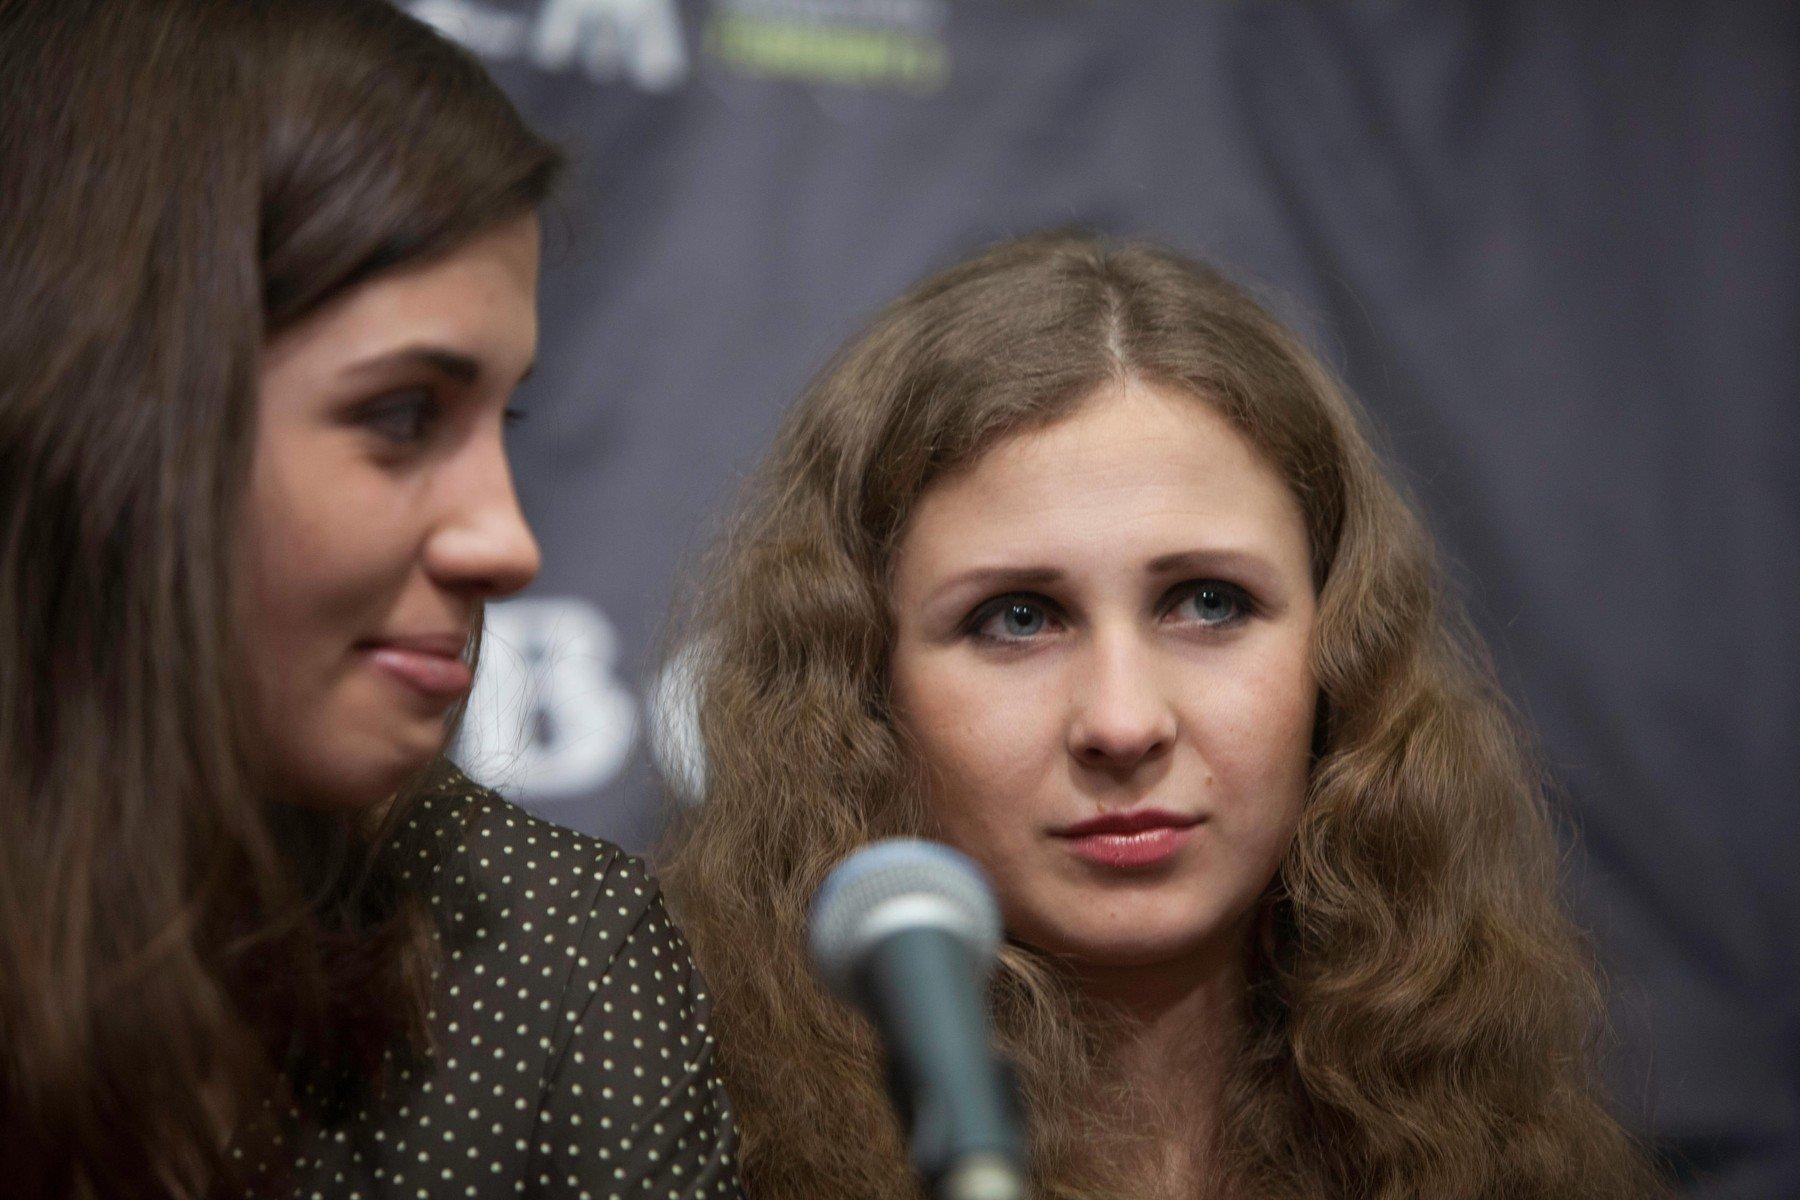 Nadezhda Tolokonnikova (lijevo) i Maria Alekhina (desno)